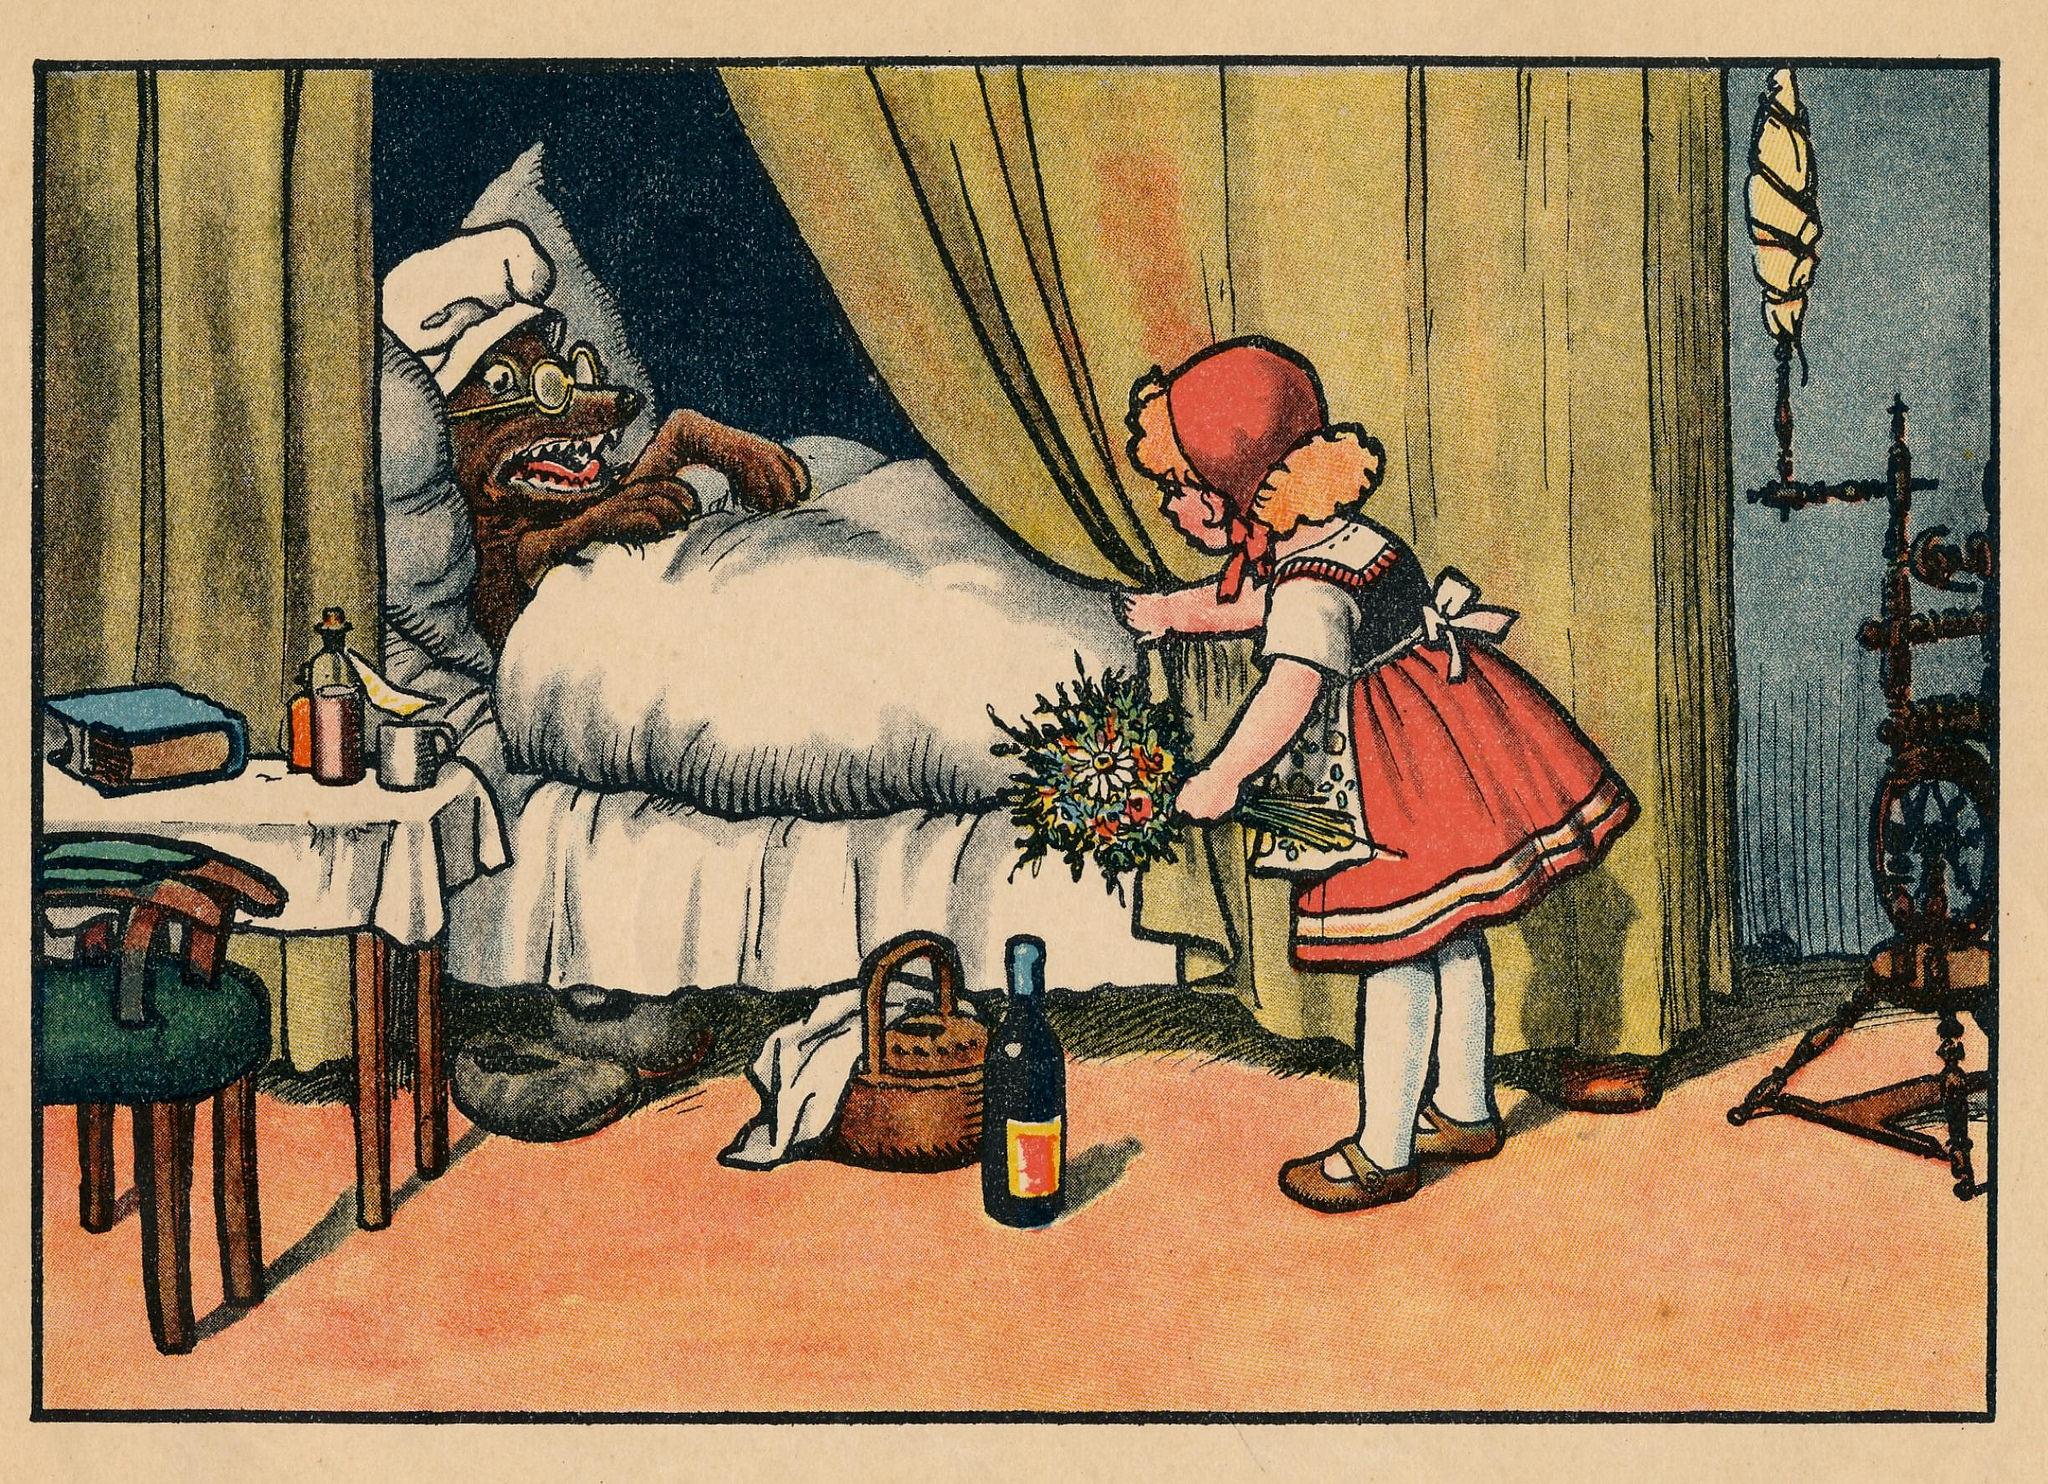 Červená karkulka a vlk na holandském tisku z roku 1920